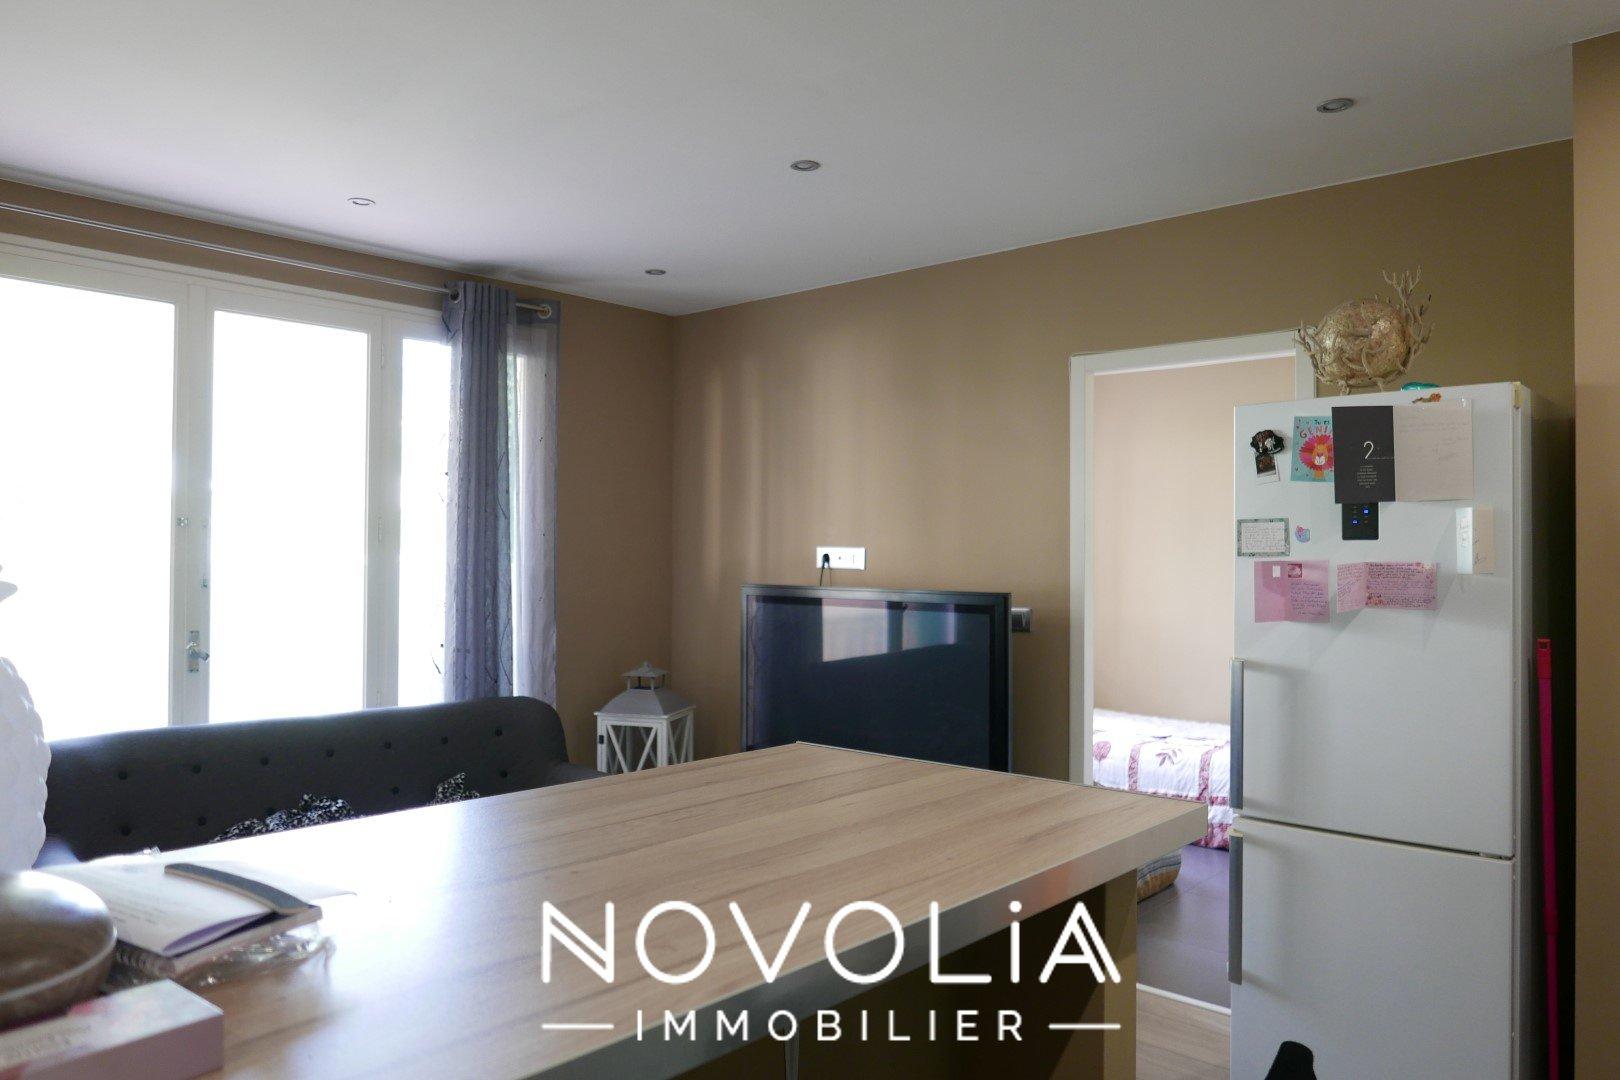 Achat Appartement, Surface de 42 m²/ Total carrez : 42 m², 2 pièces, Villeurbanne (69100)